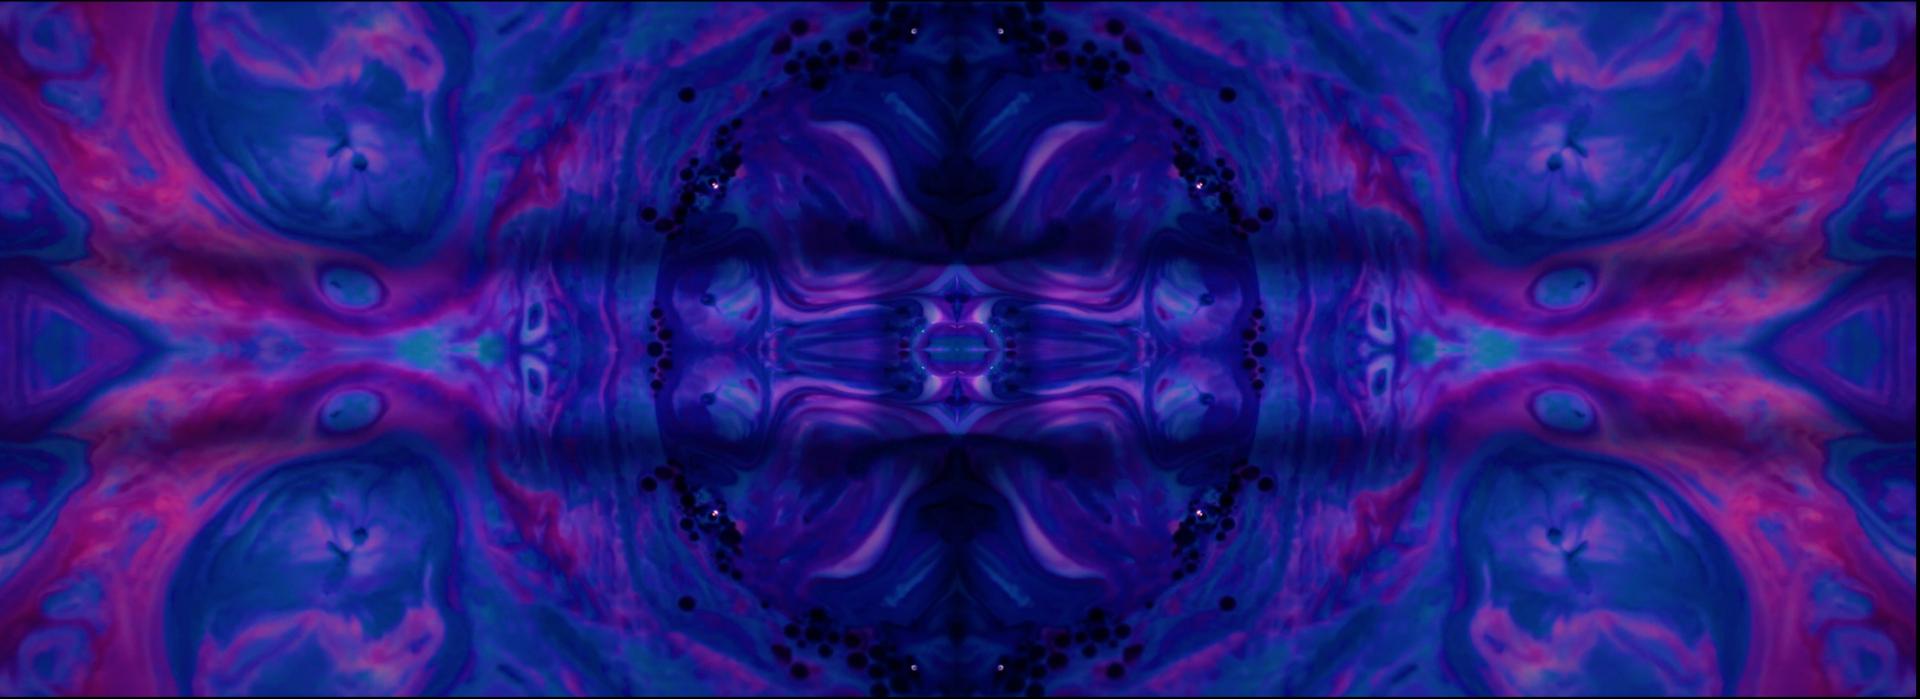 Screen Shot 2020-03-09 at 5.42.45 PM.png